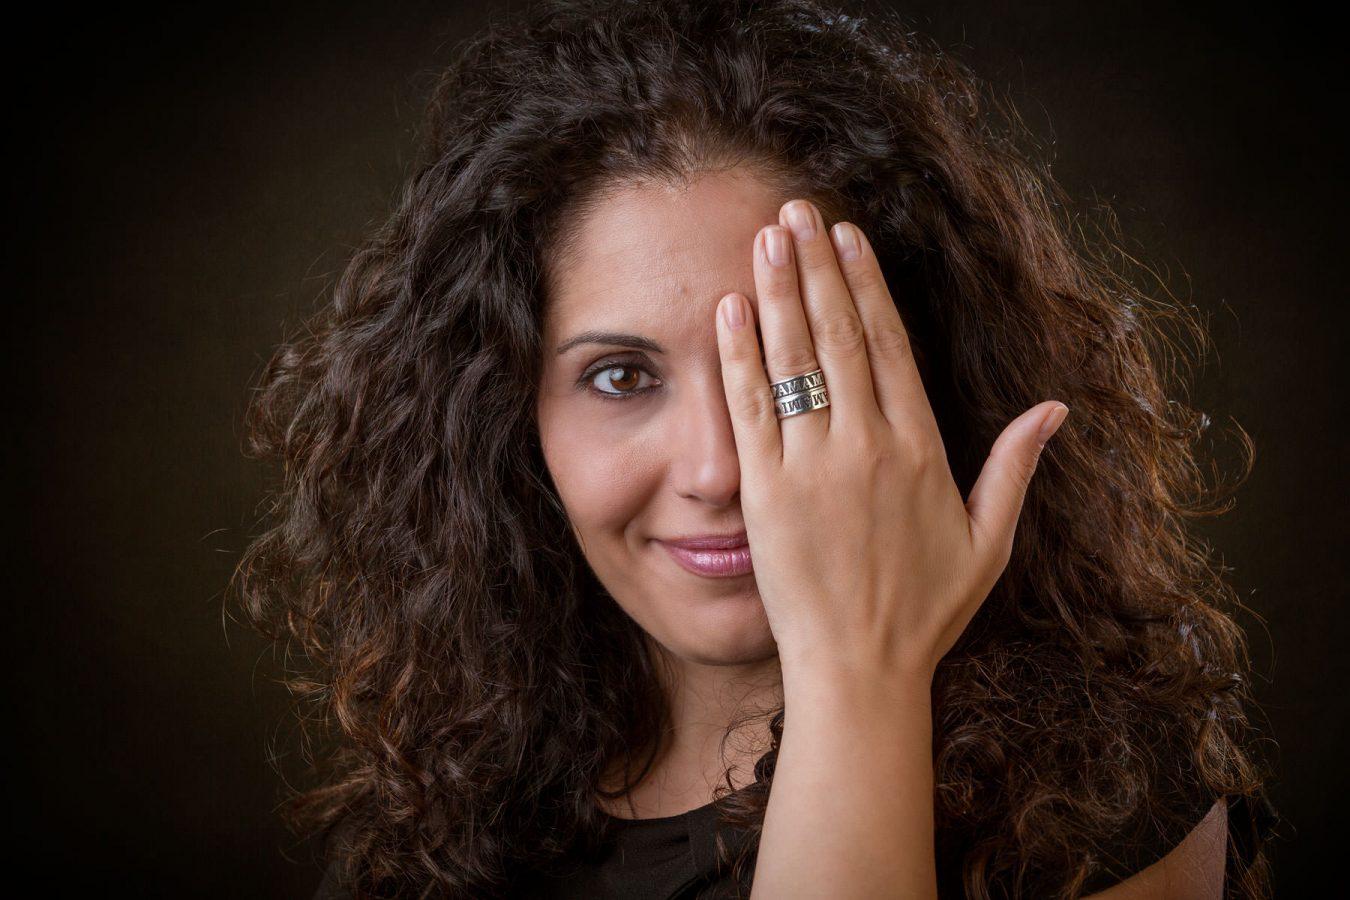 Maria Squeo fotografata da Pino Coduti per la copertina del suo nuovo libro